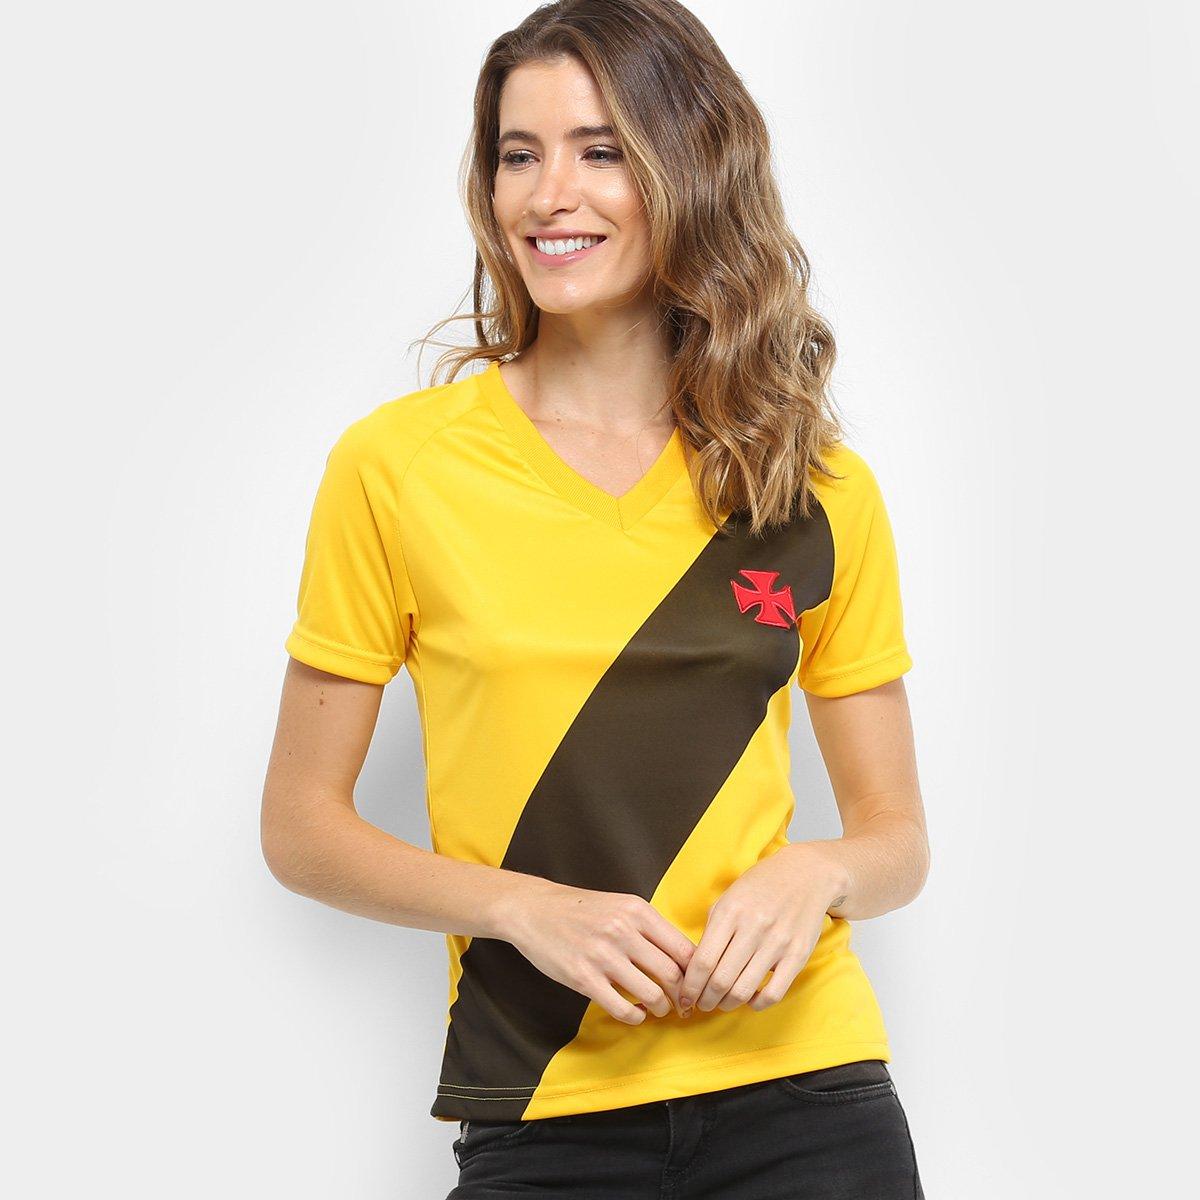 Camisa Vasco 2012 s n° Edição Limitada Feminina - Amarelo - Compre ... c79b182a4f257